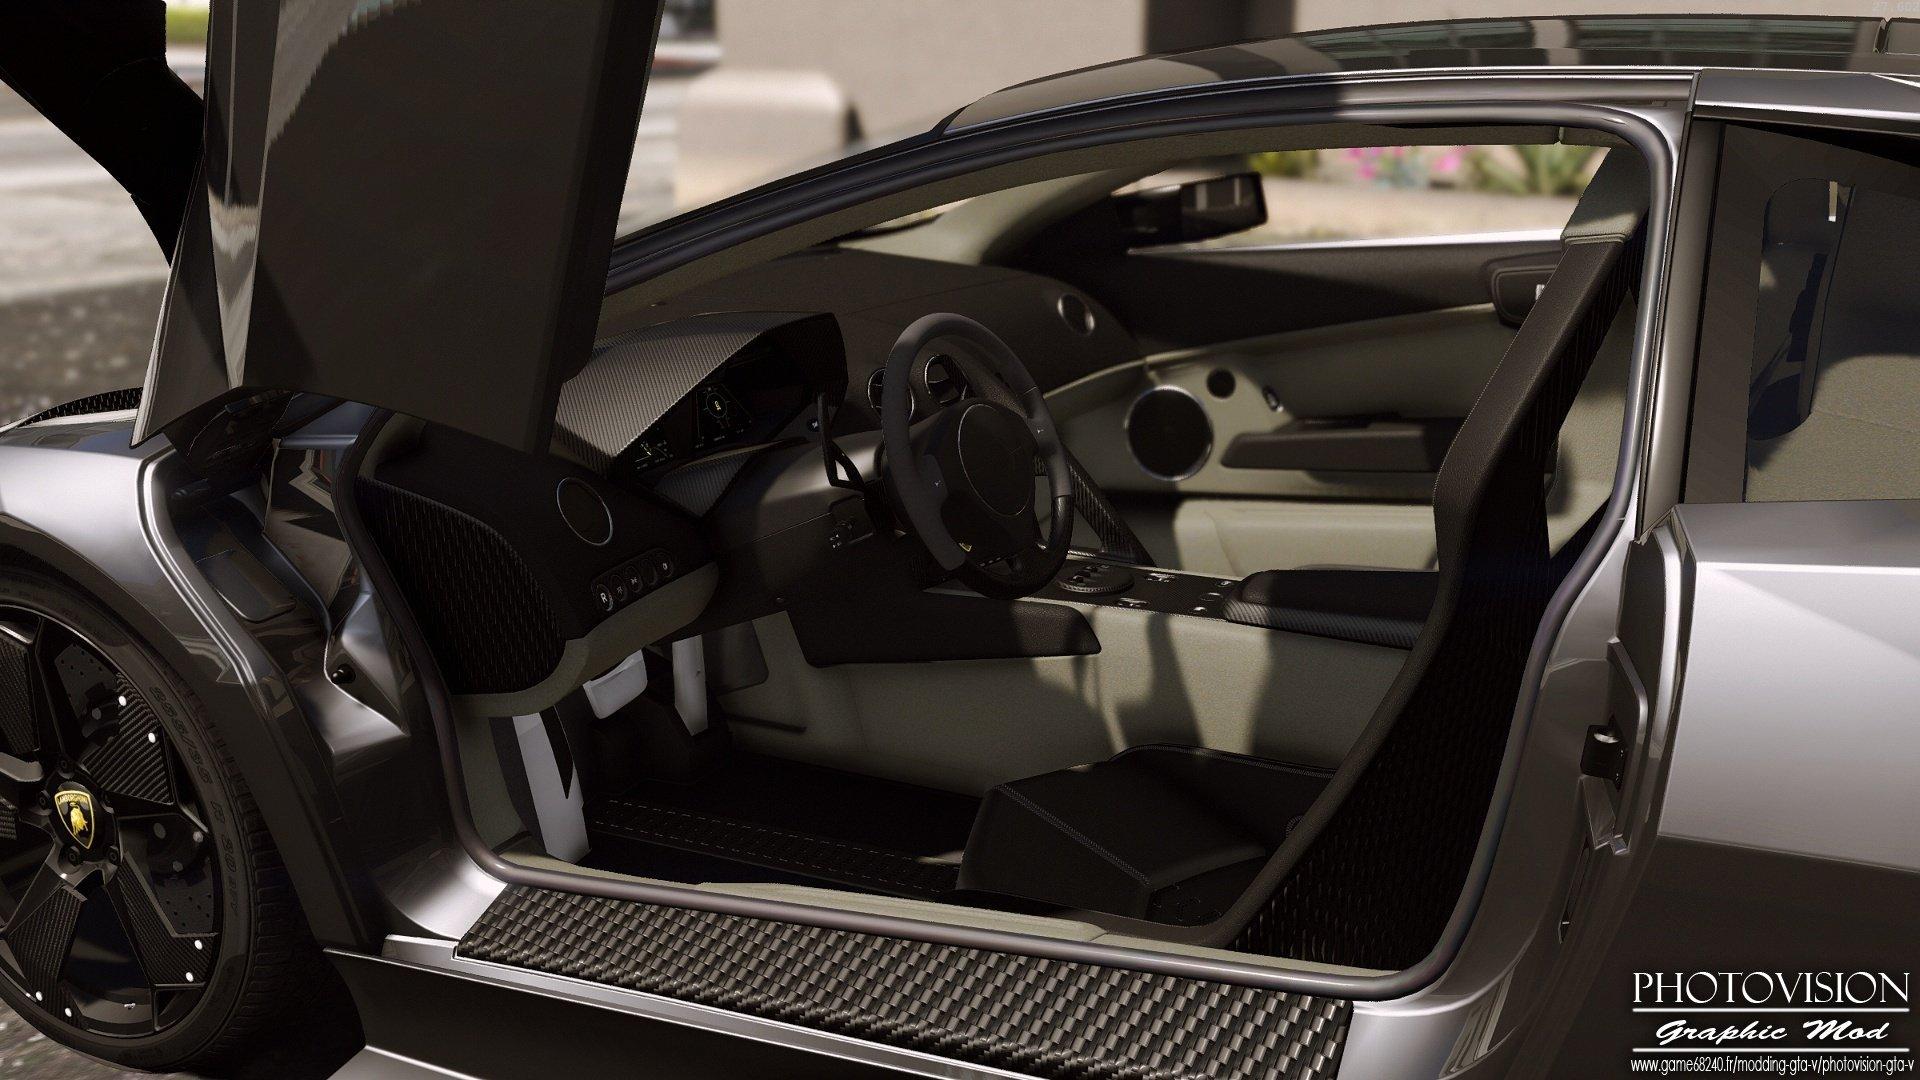 85d8c3 12 - Lamborghini Reventon